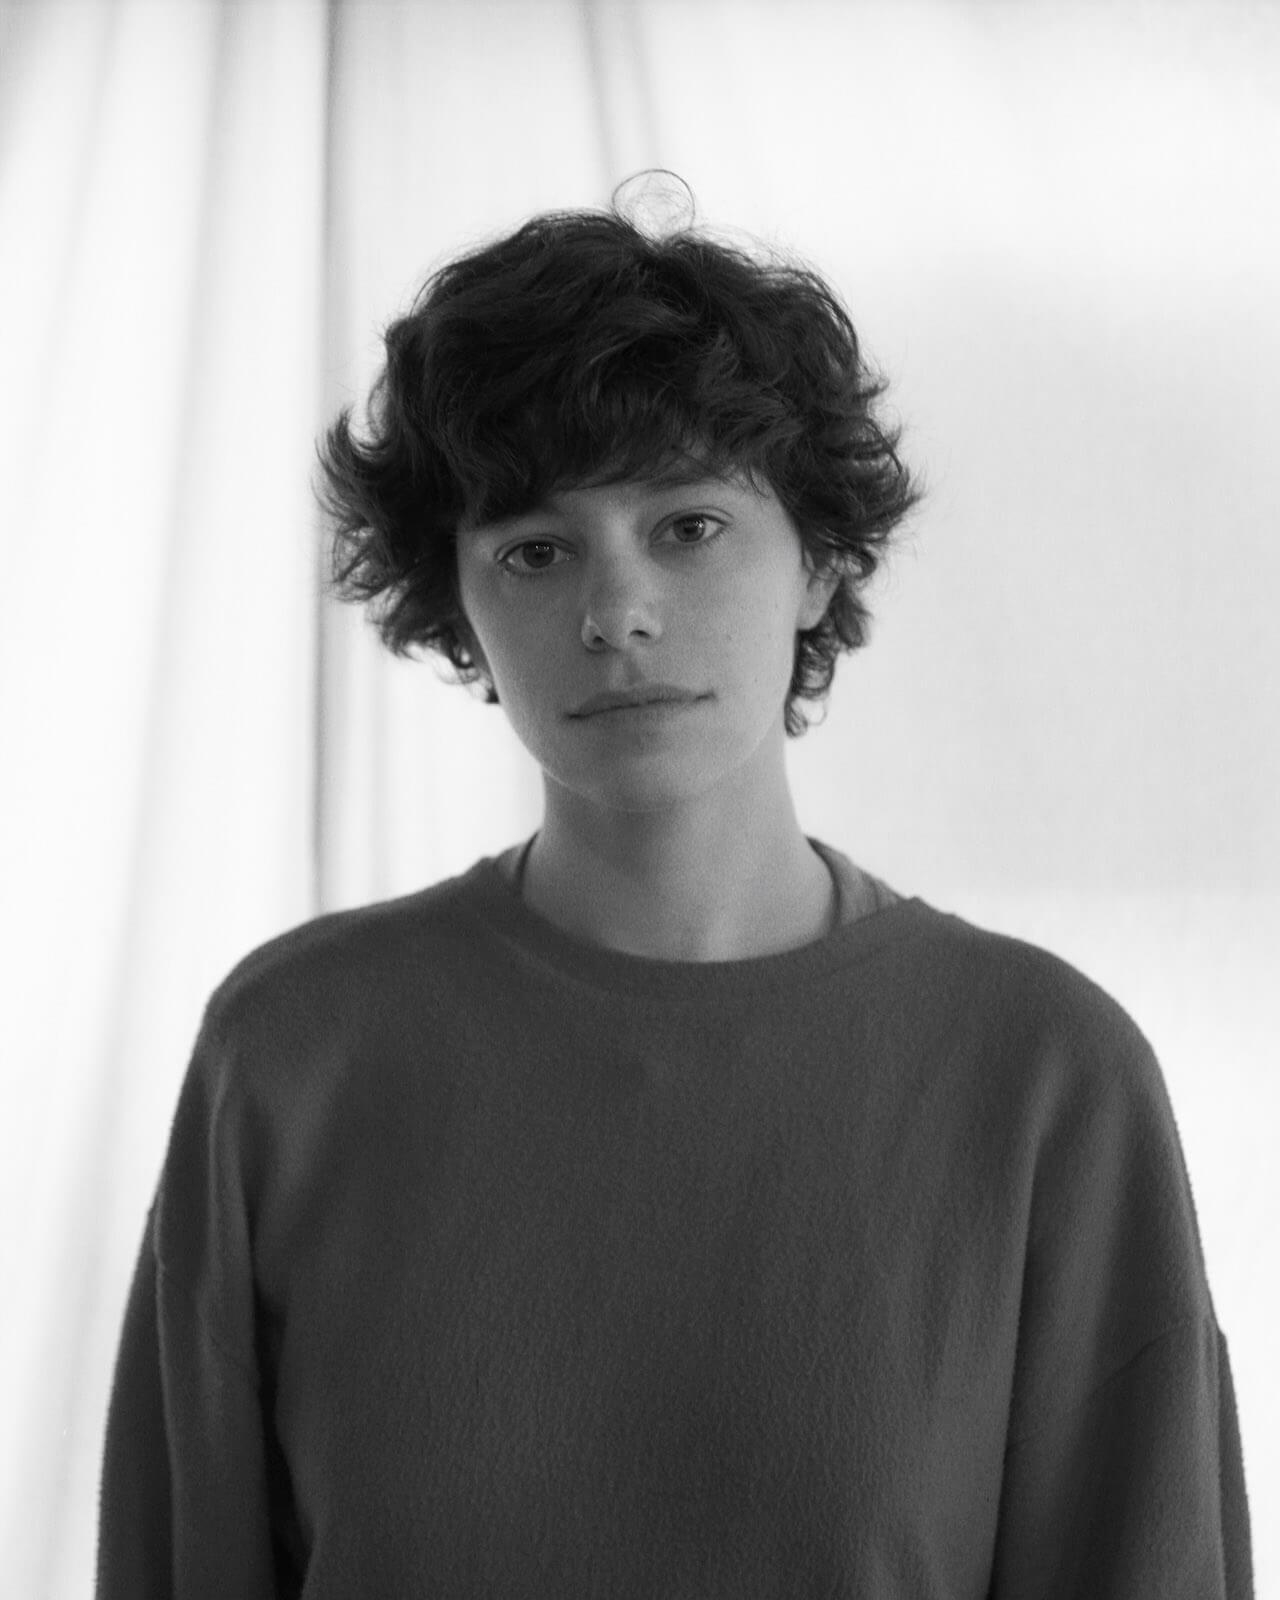 MOURN インタビュー|進化し続けるバルセロナの若き才能、感性と葛藤を紐解く interview190417-mourn-5